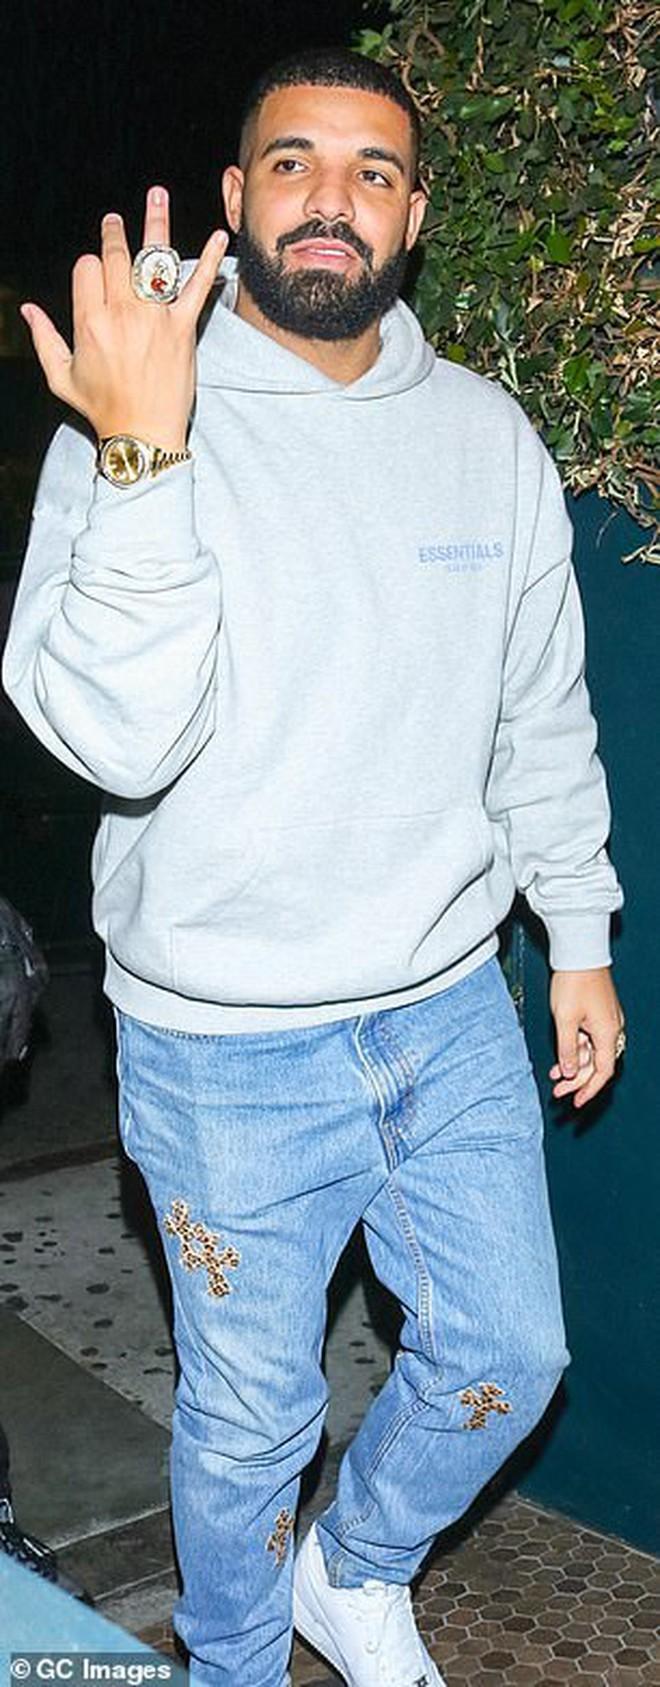 Nhanh và cực nóng: Nghi vấn Kylie Jenner hẹn hò tình cũ từng bị Rihanna friendzone chỉ sau 1 tháng chia tay Travis - ảnh 1